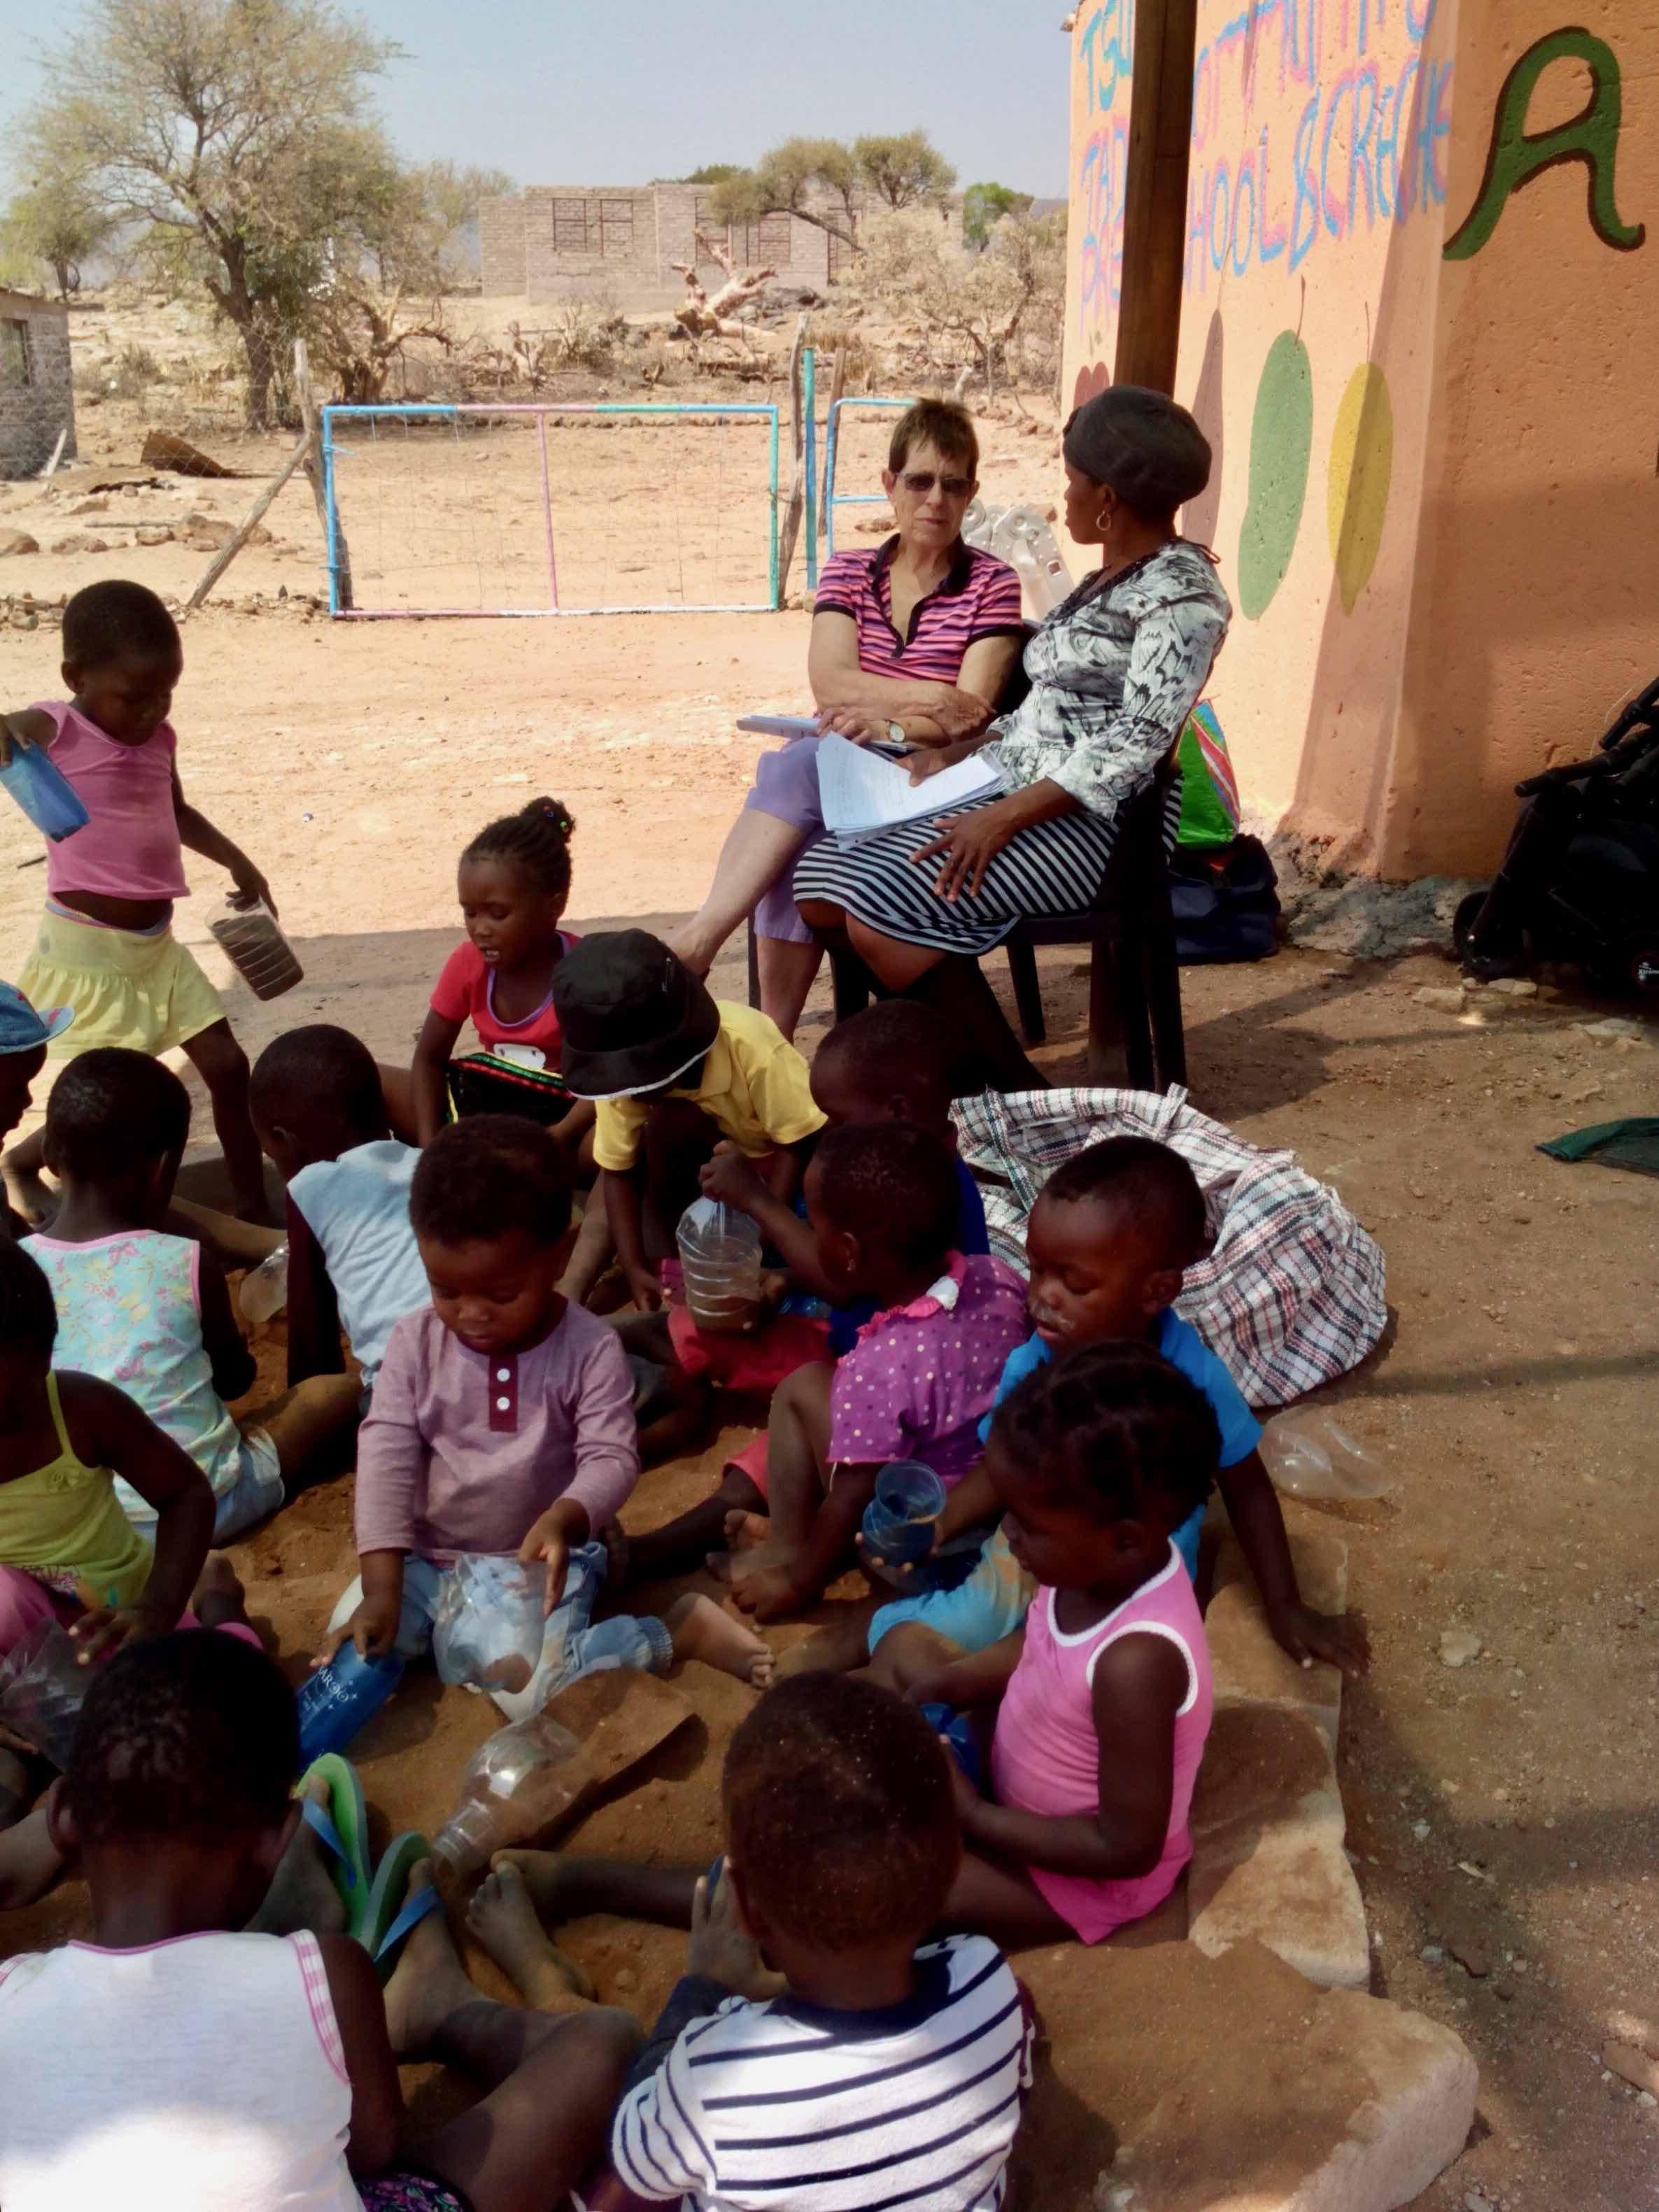 Jan 17 Limpopo - Margie 1.jpg